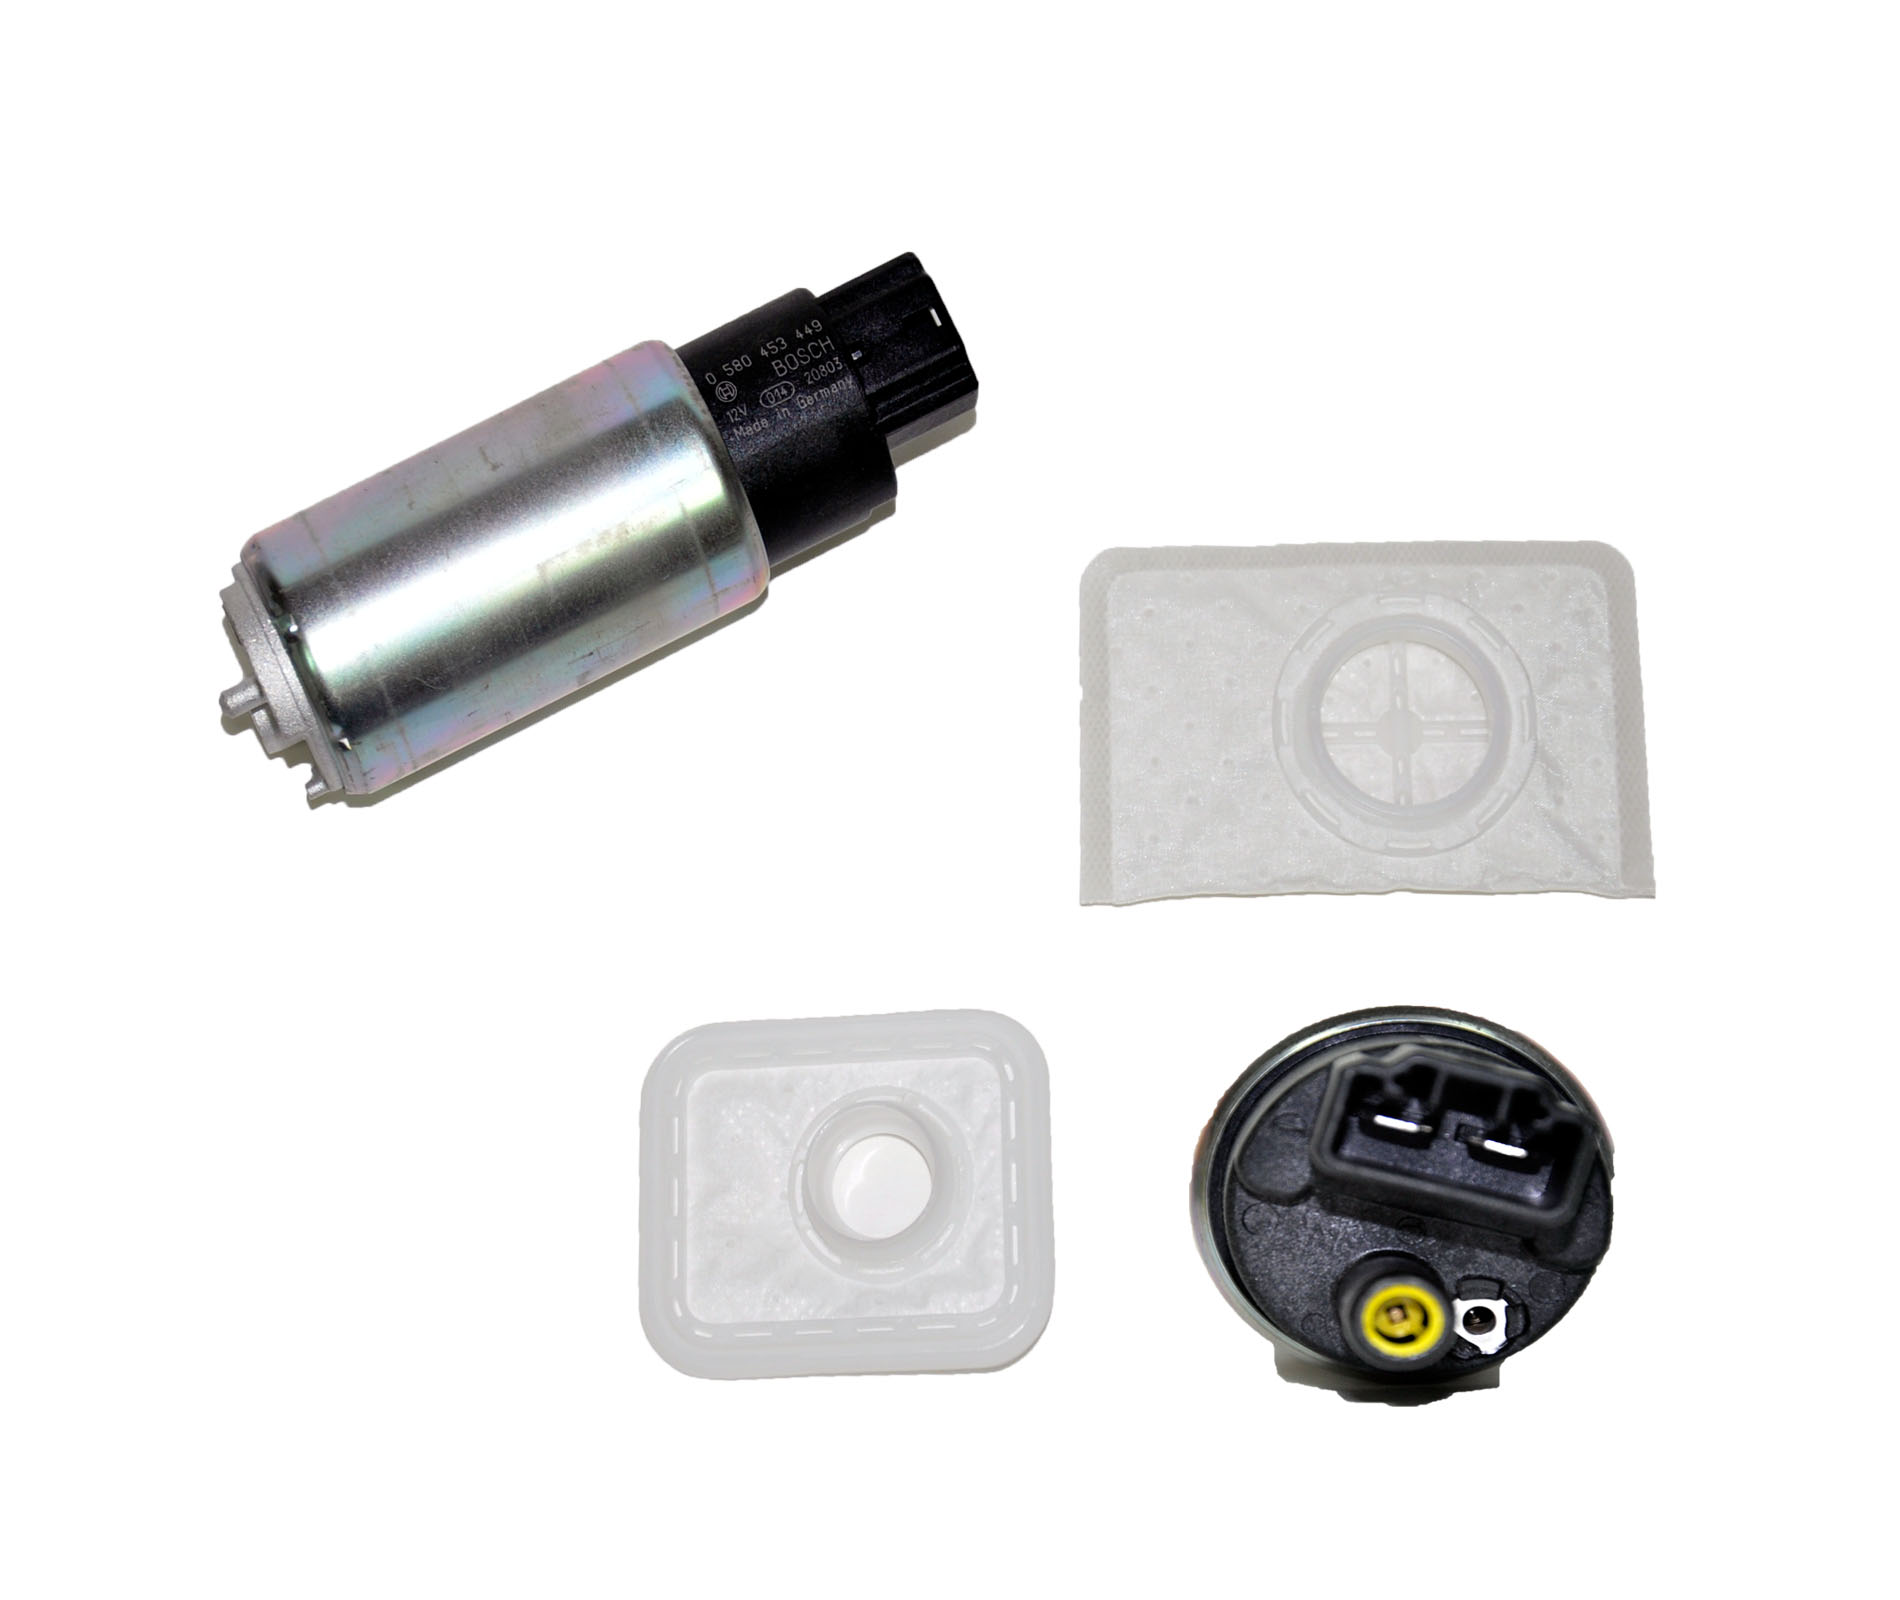 RFI Internal /& External Fuel Pump Filter Kit Seadoo 98-07 3D LRV GTX GSX XP DI